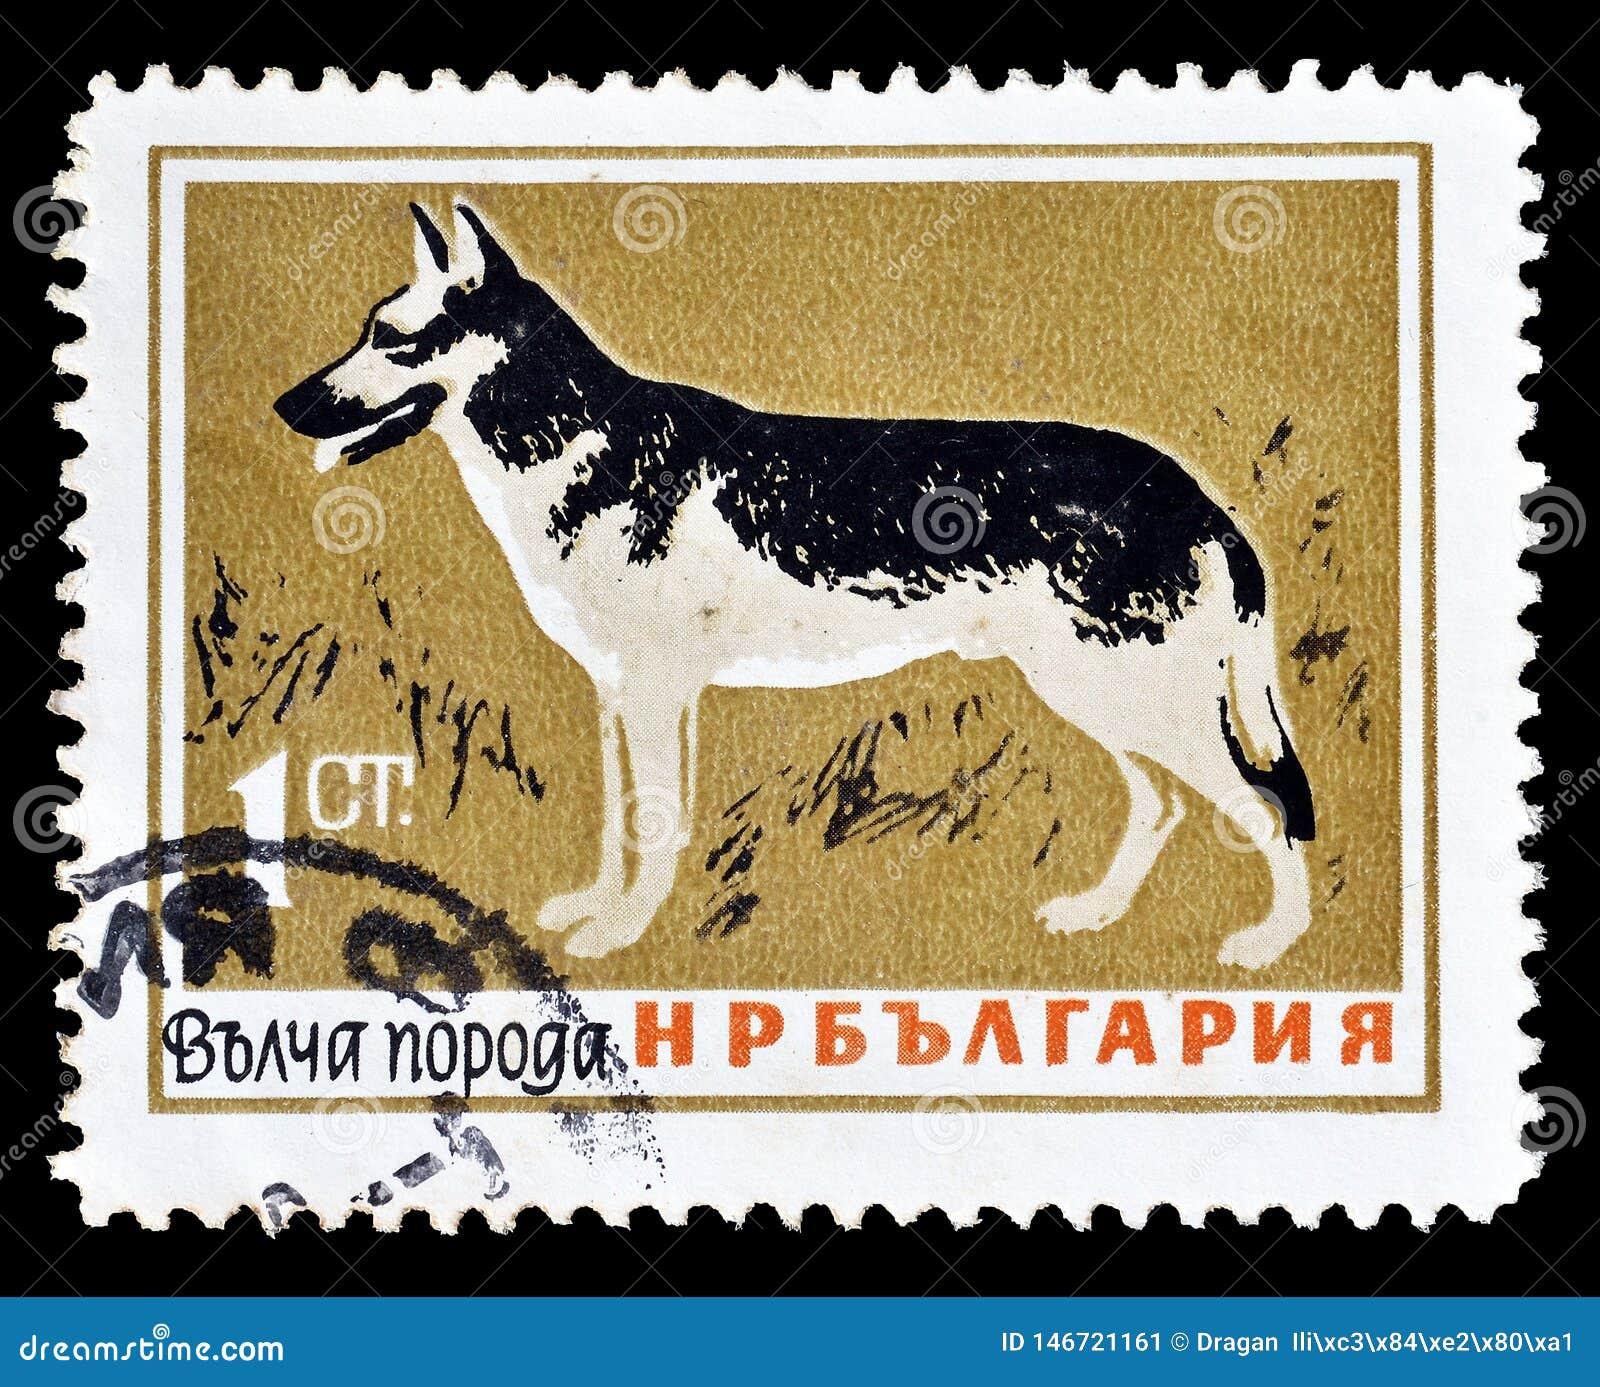 Άγρια ζώα στα γραμματόσημα